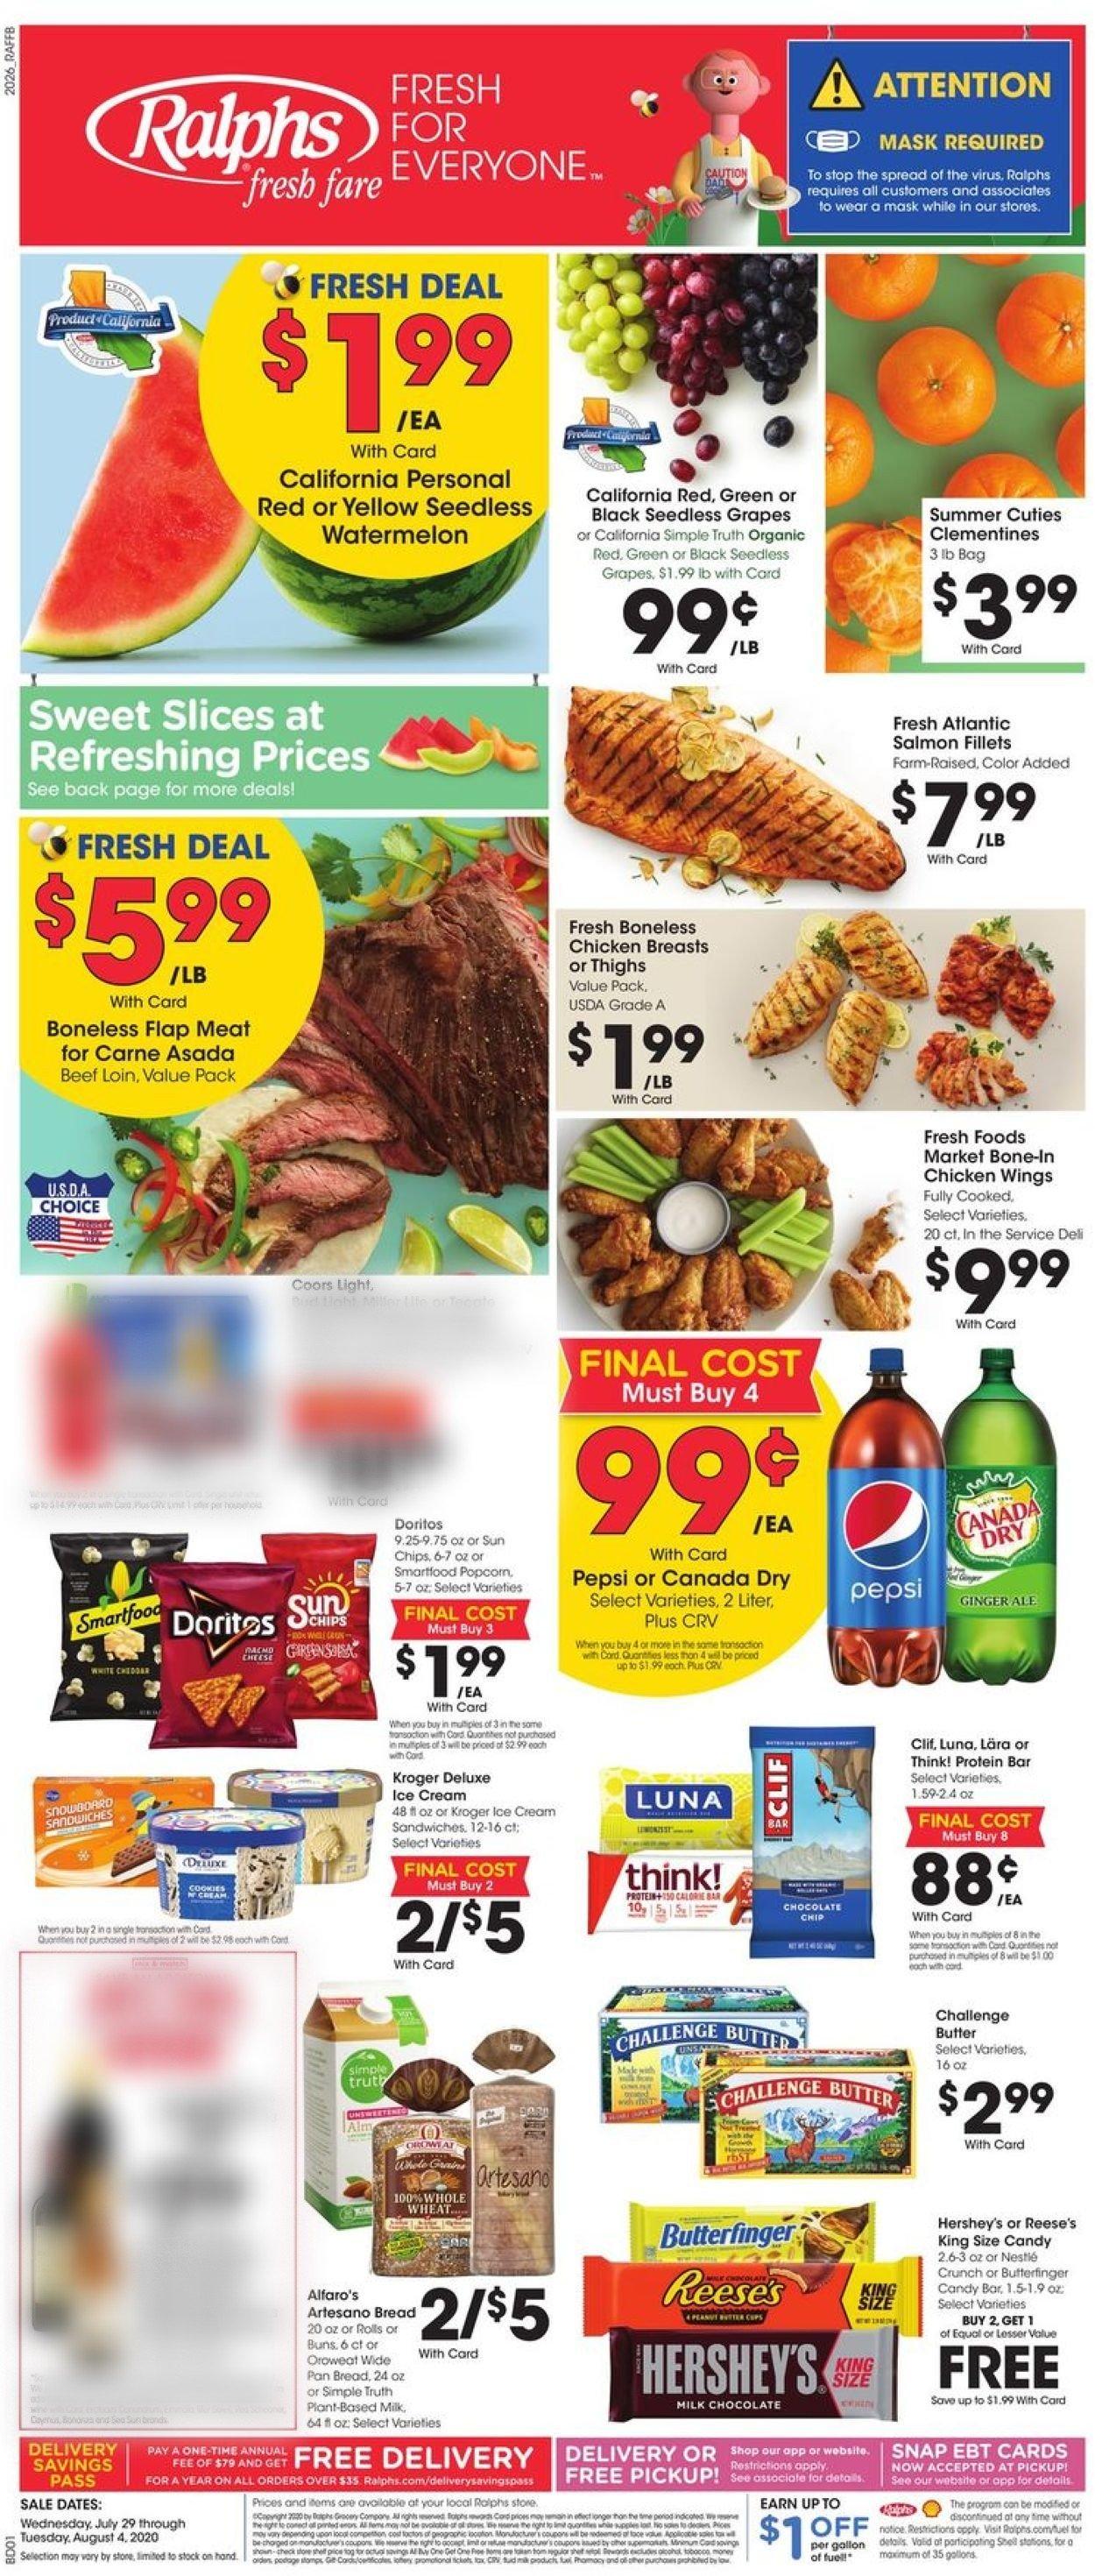 Ralphs Weekly Ad Circular - valid 07/29-08/04/2020